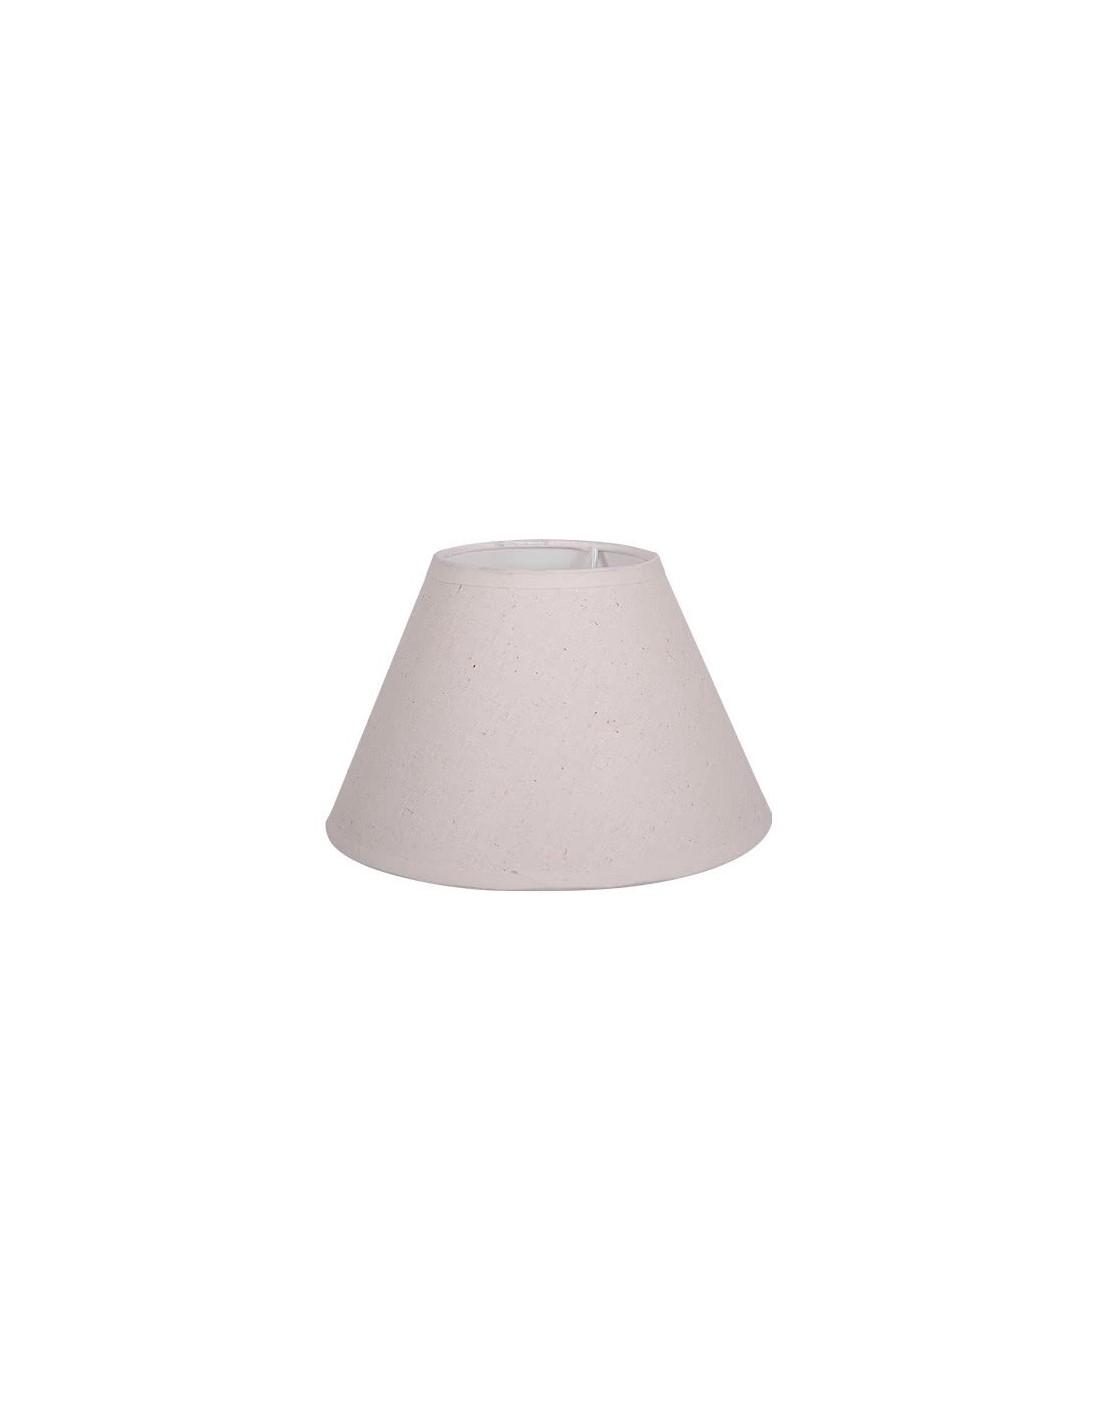 Acheter jambo 25 9742 z5 m1 leds c4 lampe de pied ext rieur for Lampe de terrasse sur pied